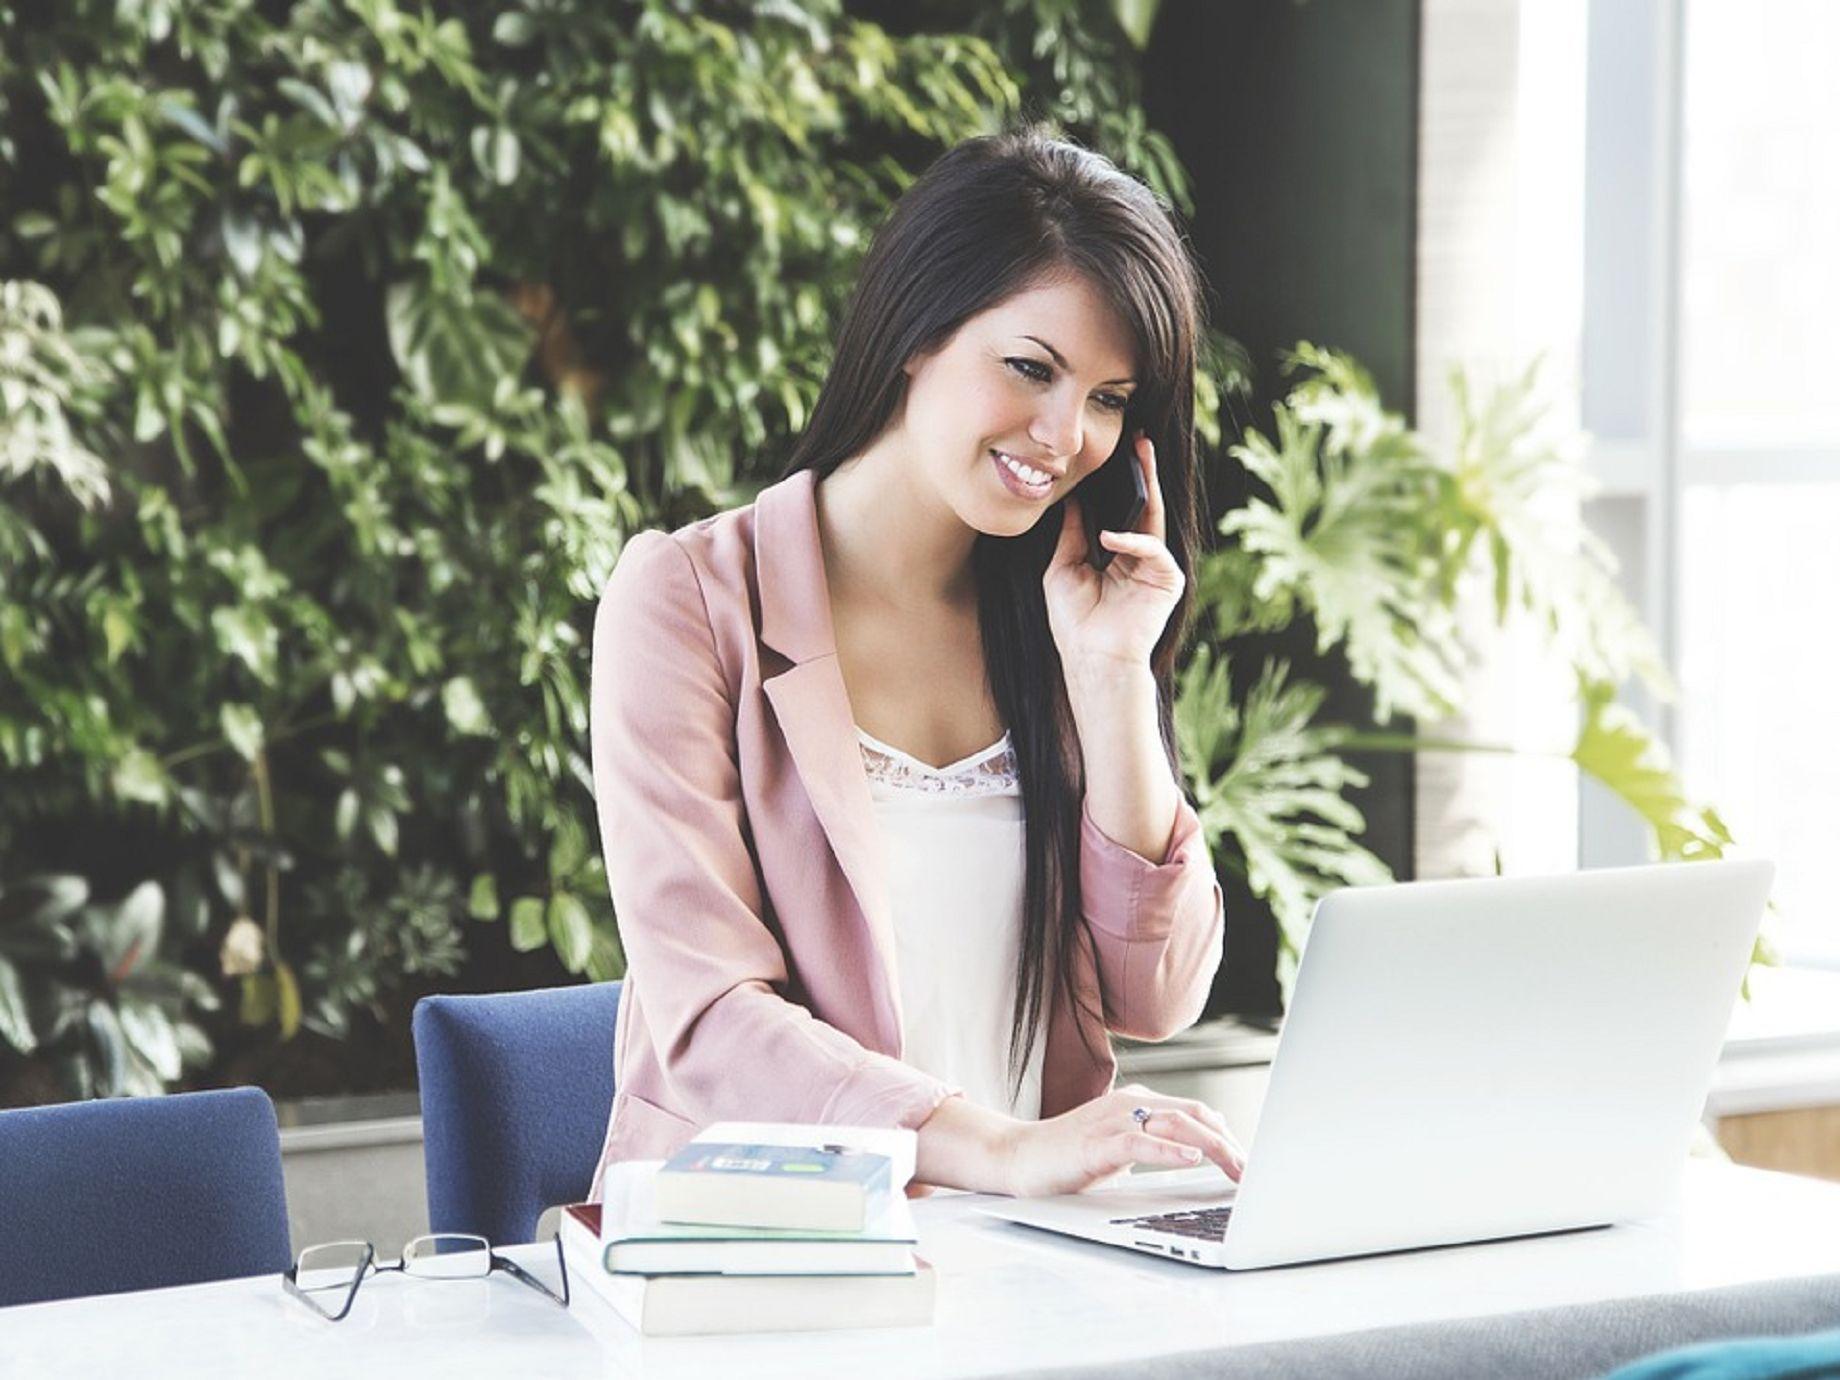 企業協作通訊軟體百家爭鳴,逐鹿亞洲廣大市場